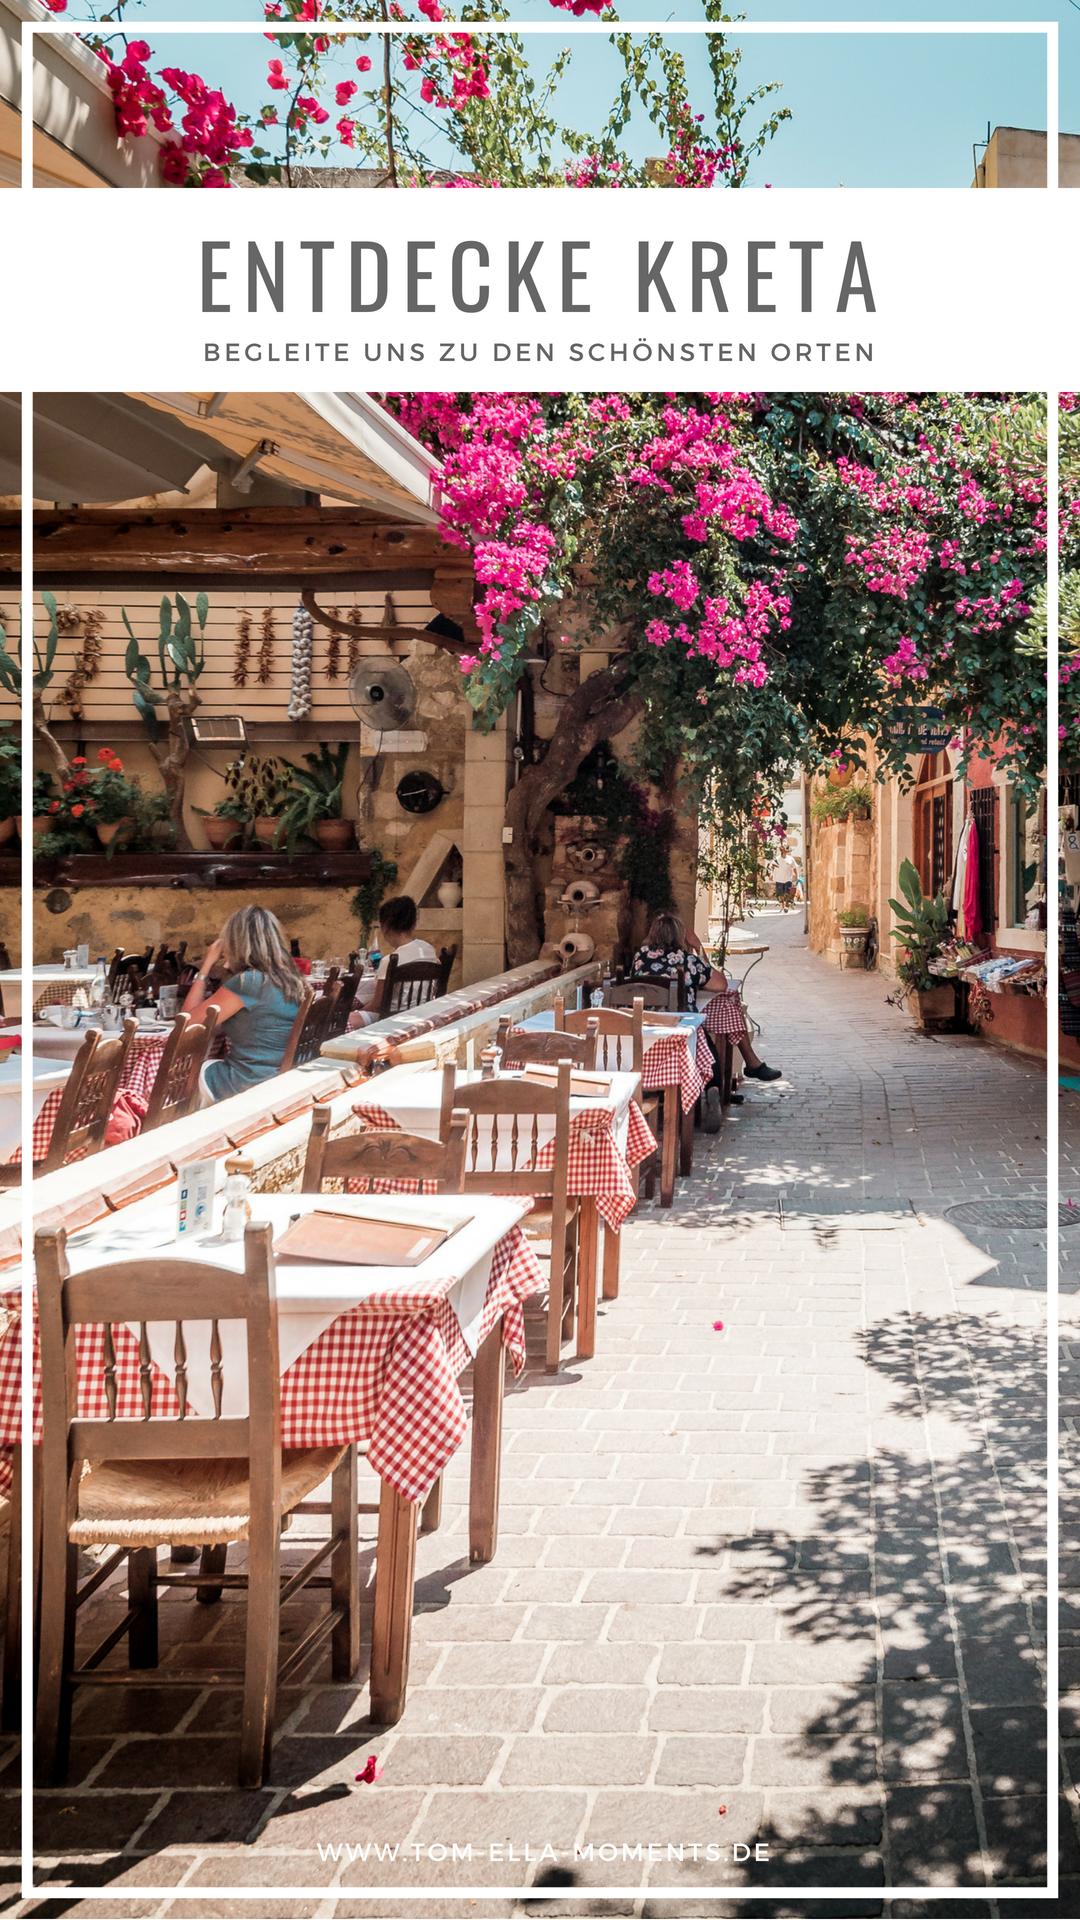 Lo más destacado de Creta: los rincones más bellos de la isla Tom Ella Moments